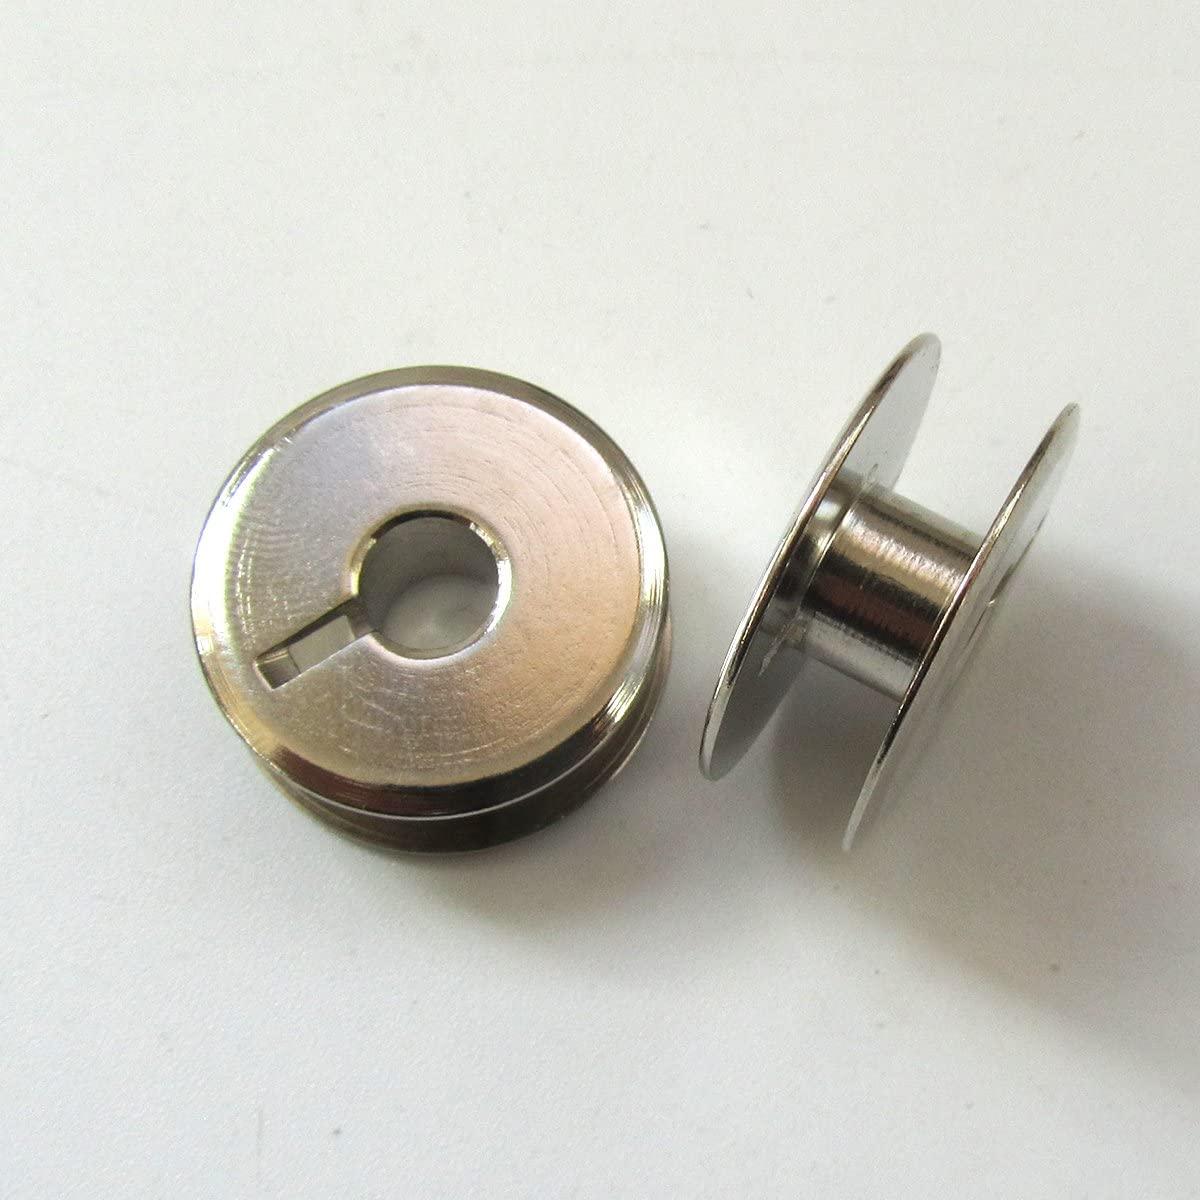 KUNPENG - Steel Bobbins for Singer 29K72,29U172A #82552 (10)